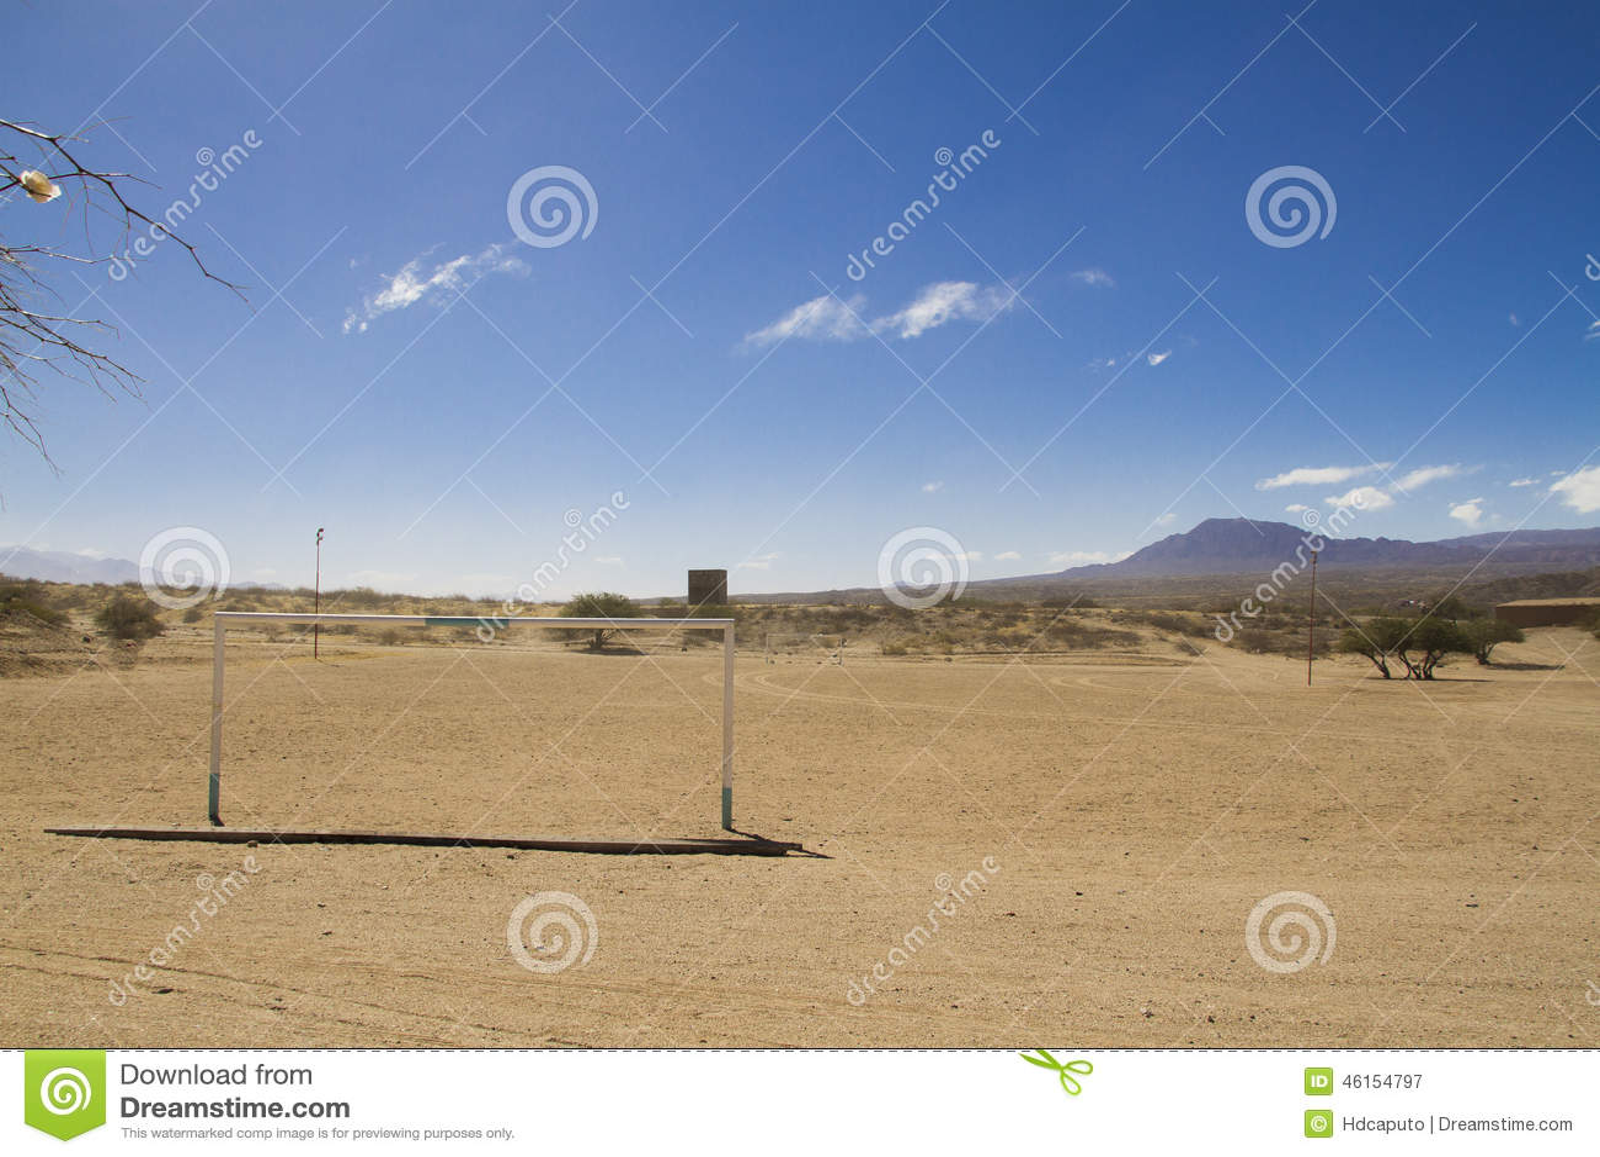 Fotboll i rutt 40, salta